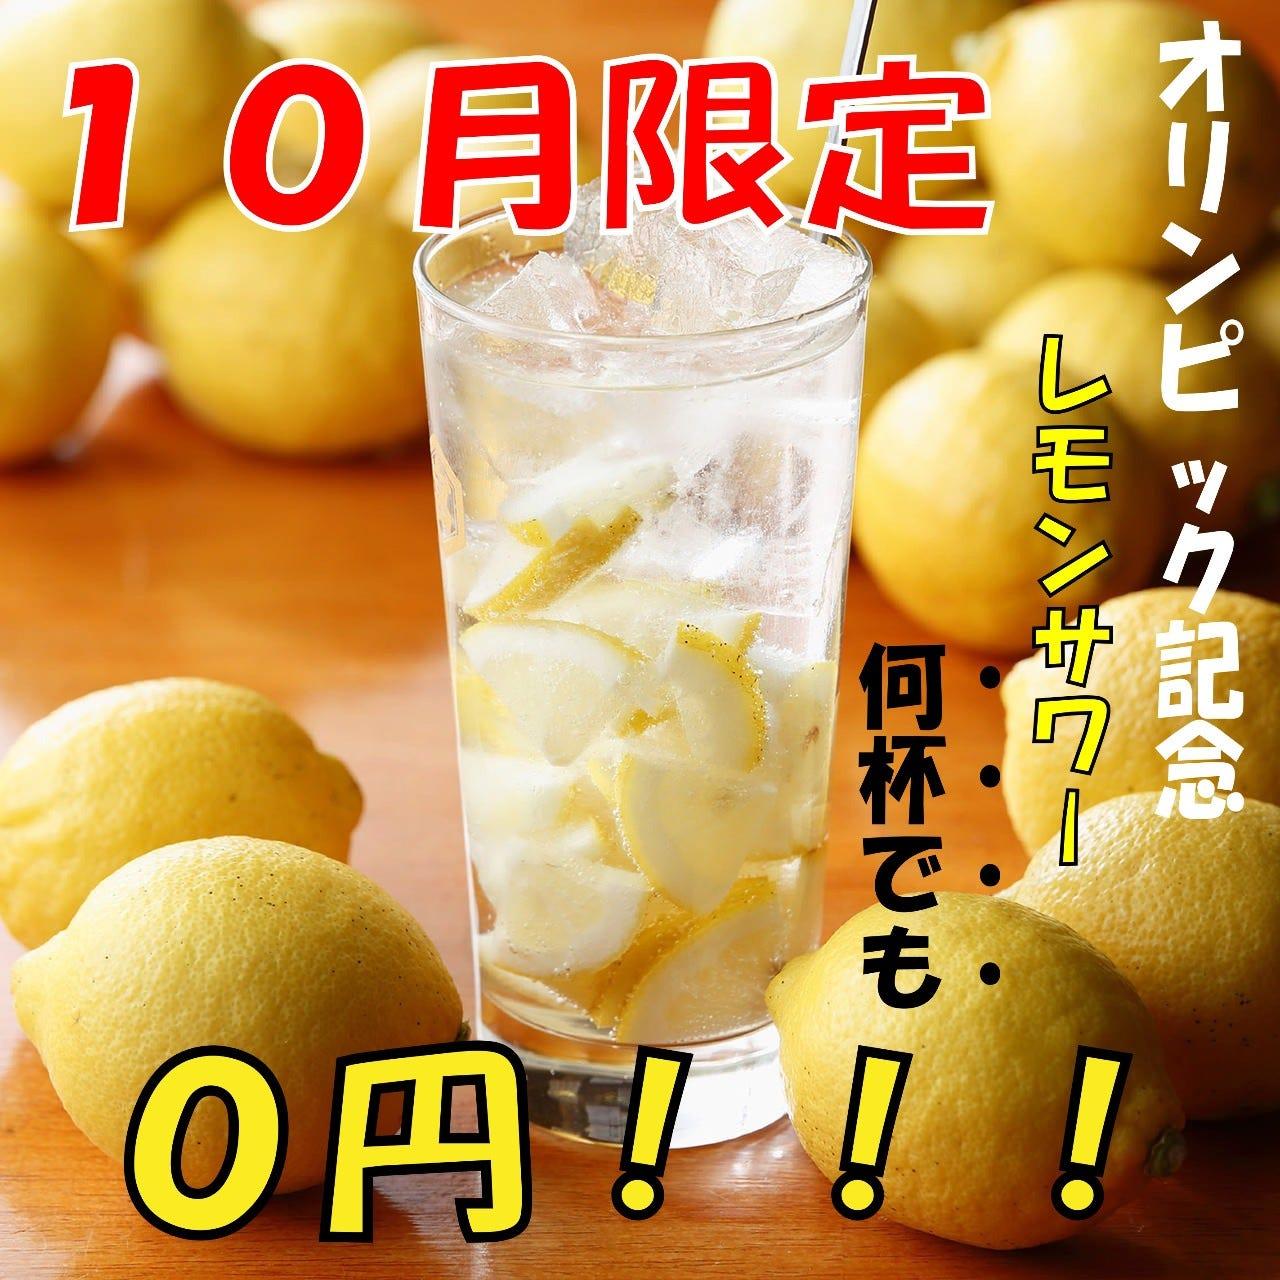 期間限定0円レモンサワー飲み放題